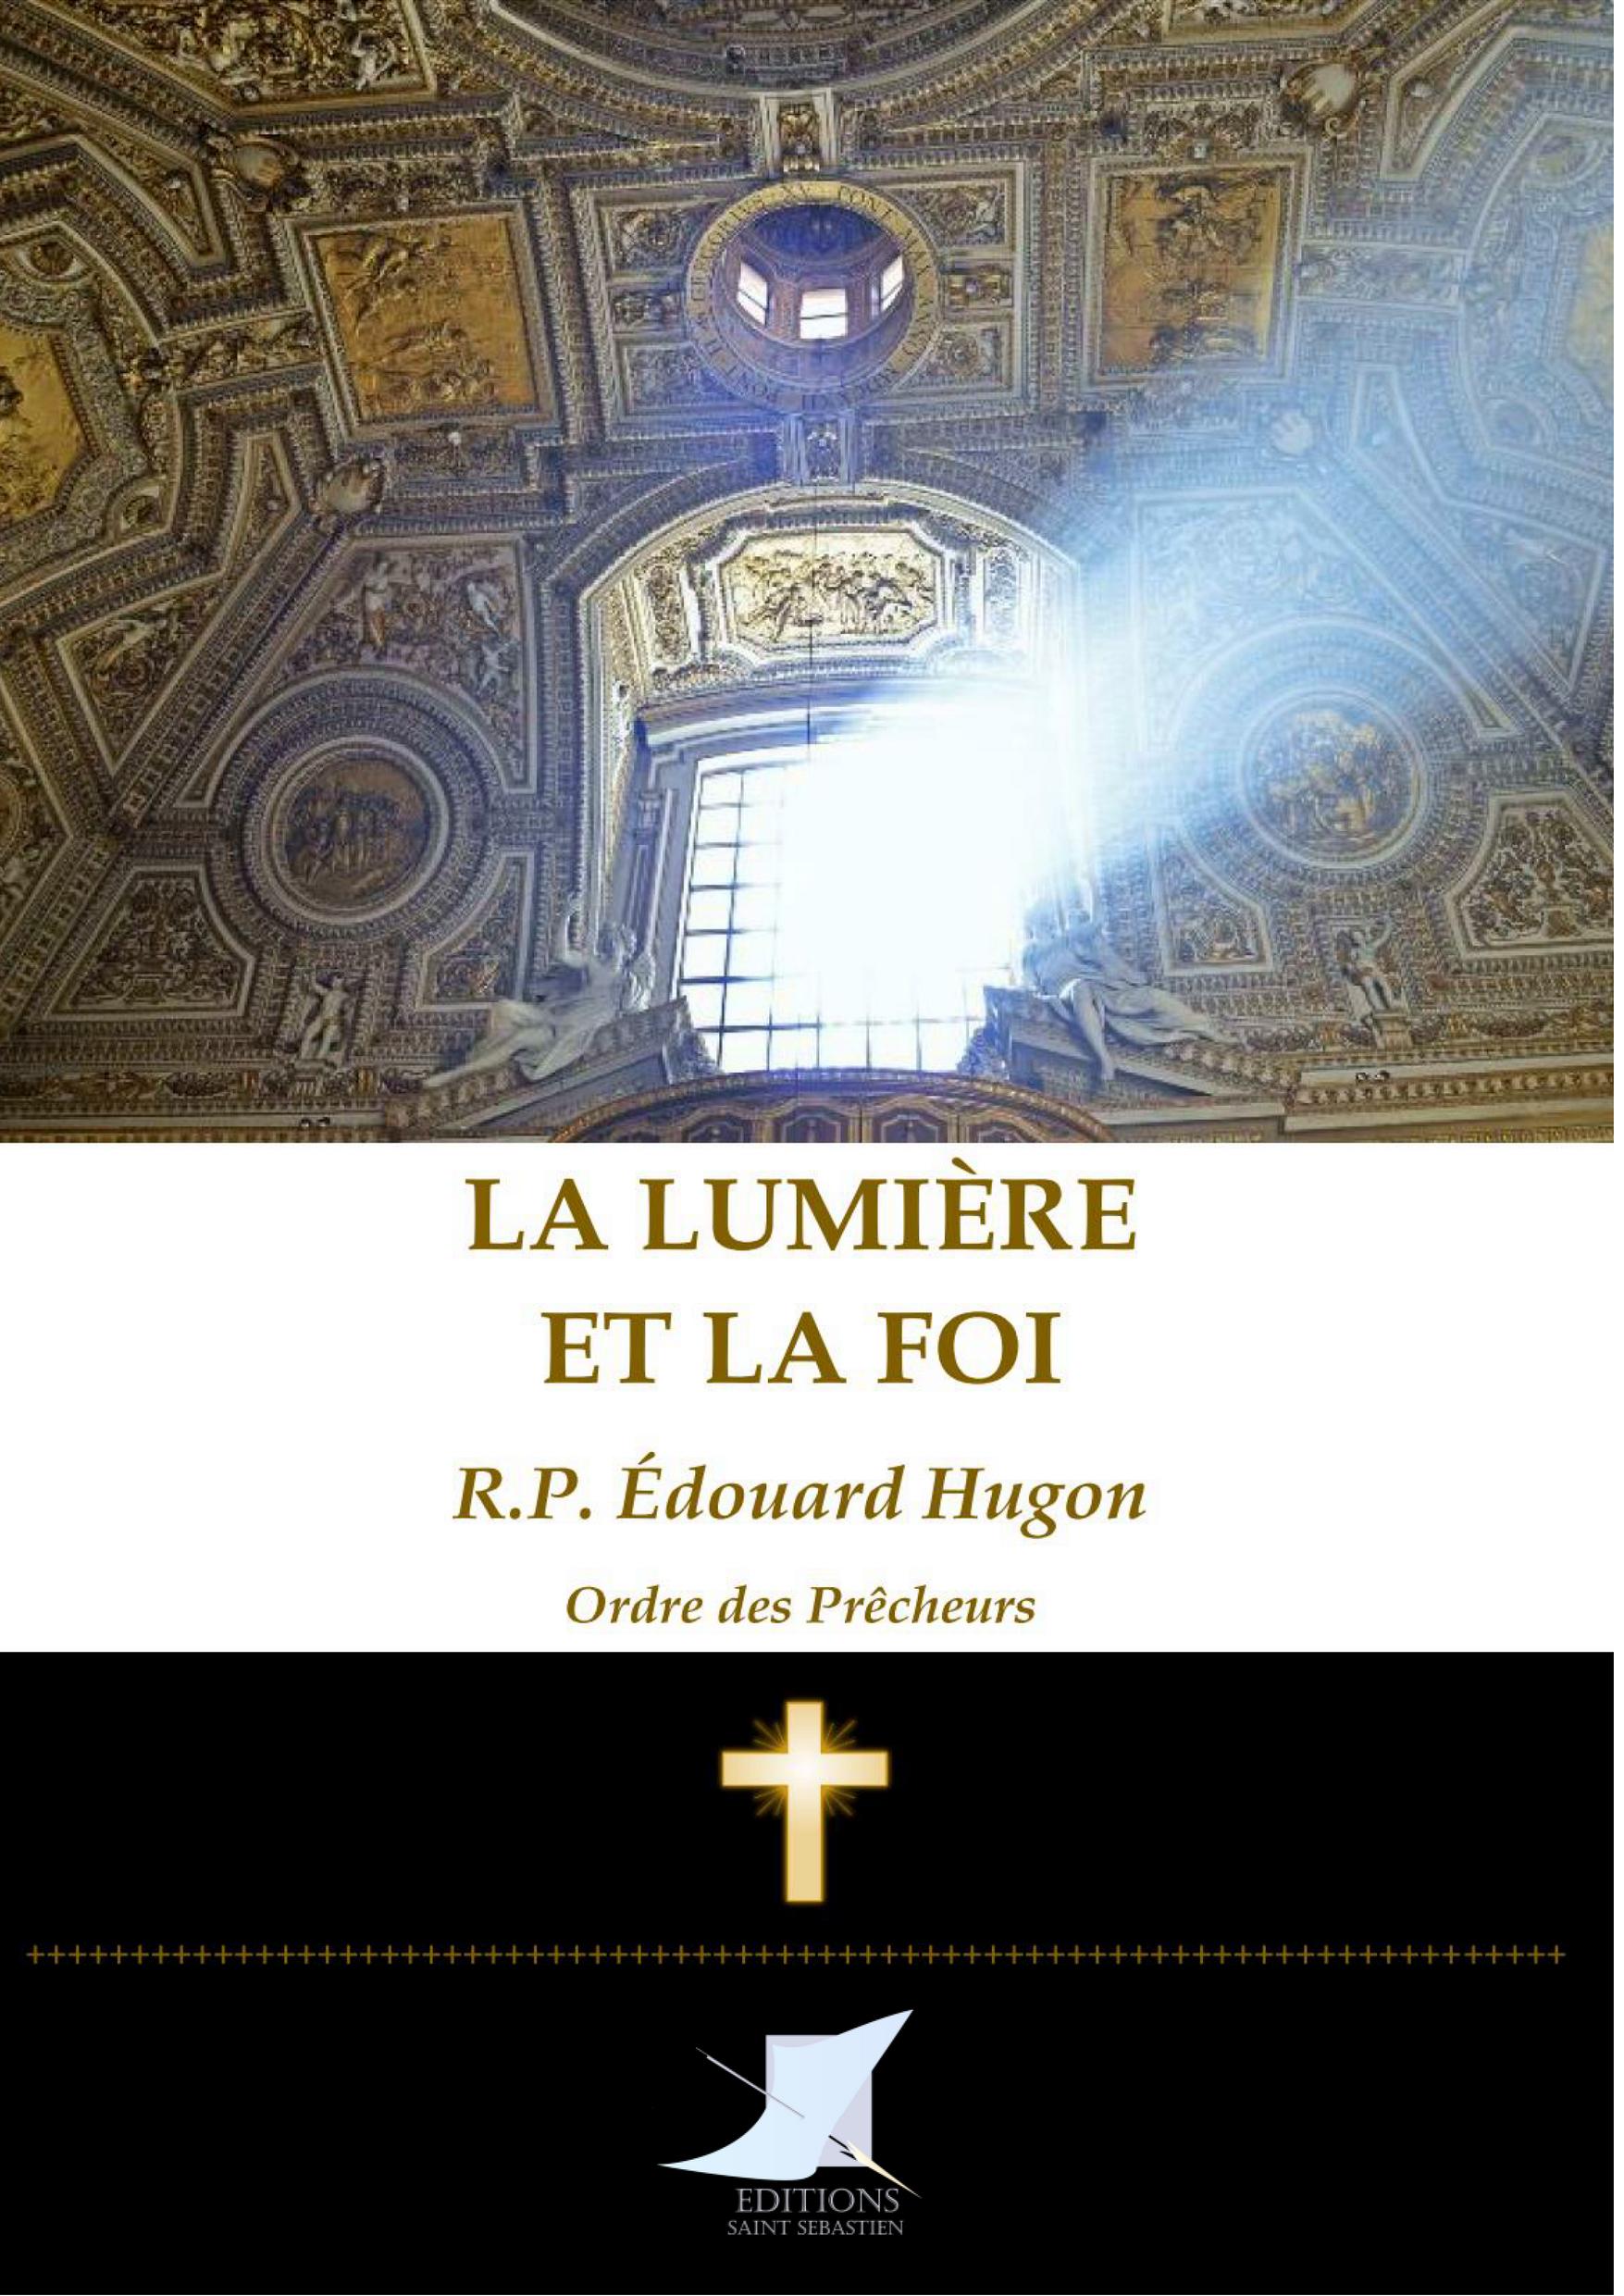 La lumière et la foi